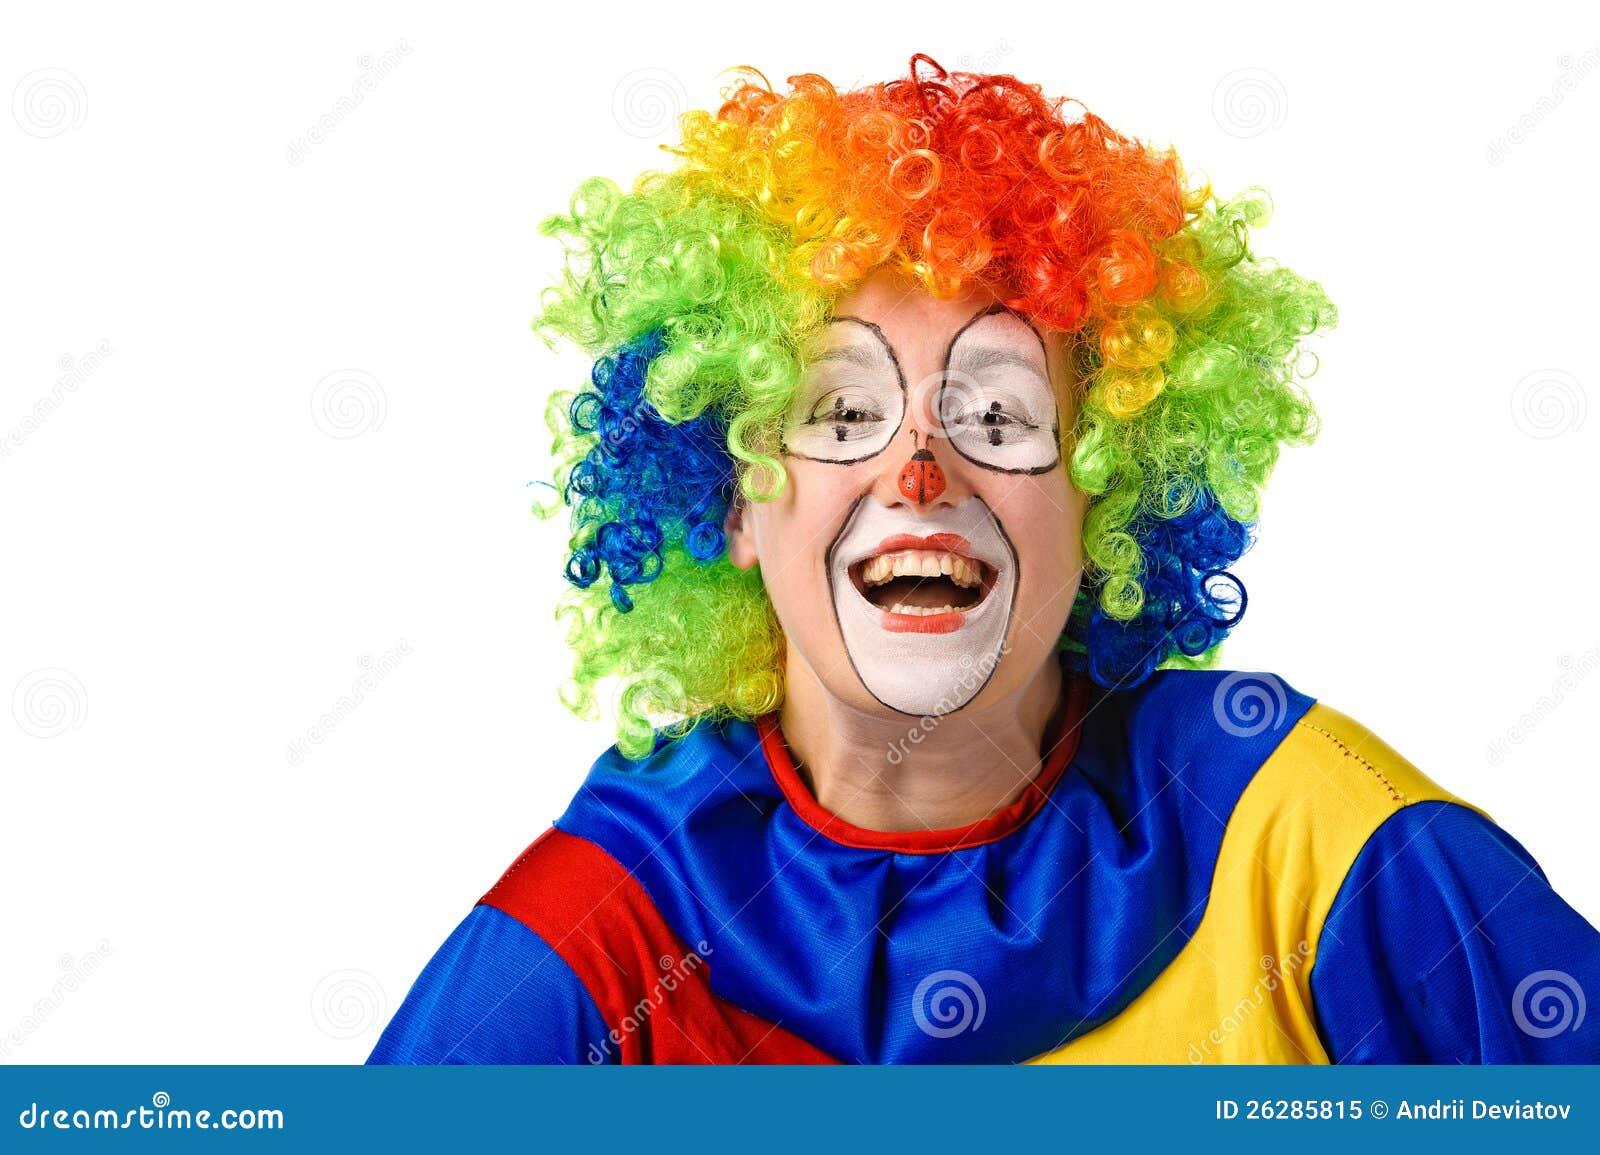 картинки смешной клоун